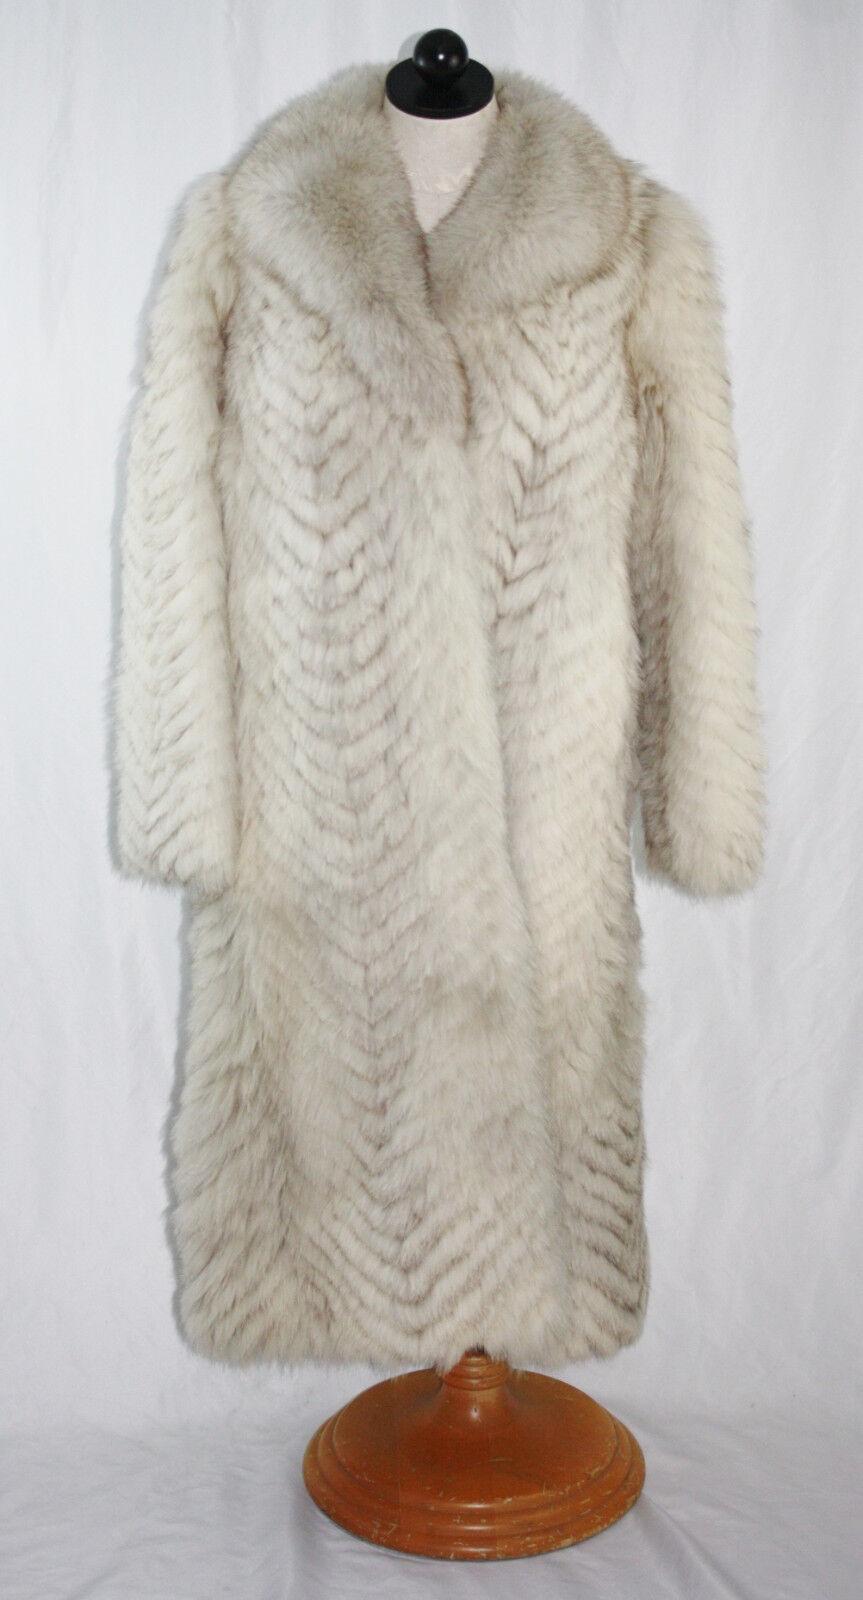 Damas Abrigo Azul Hermoso Longitud  Completa De Piel De Zorro Talla 10 (40)  Tienda de moda y compras online.